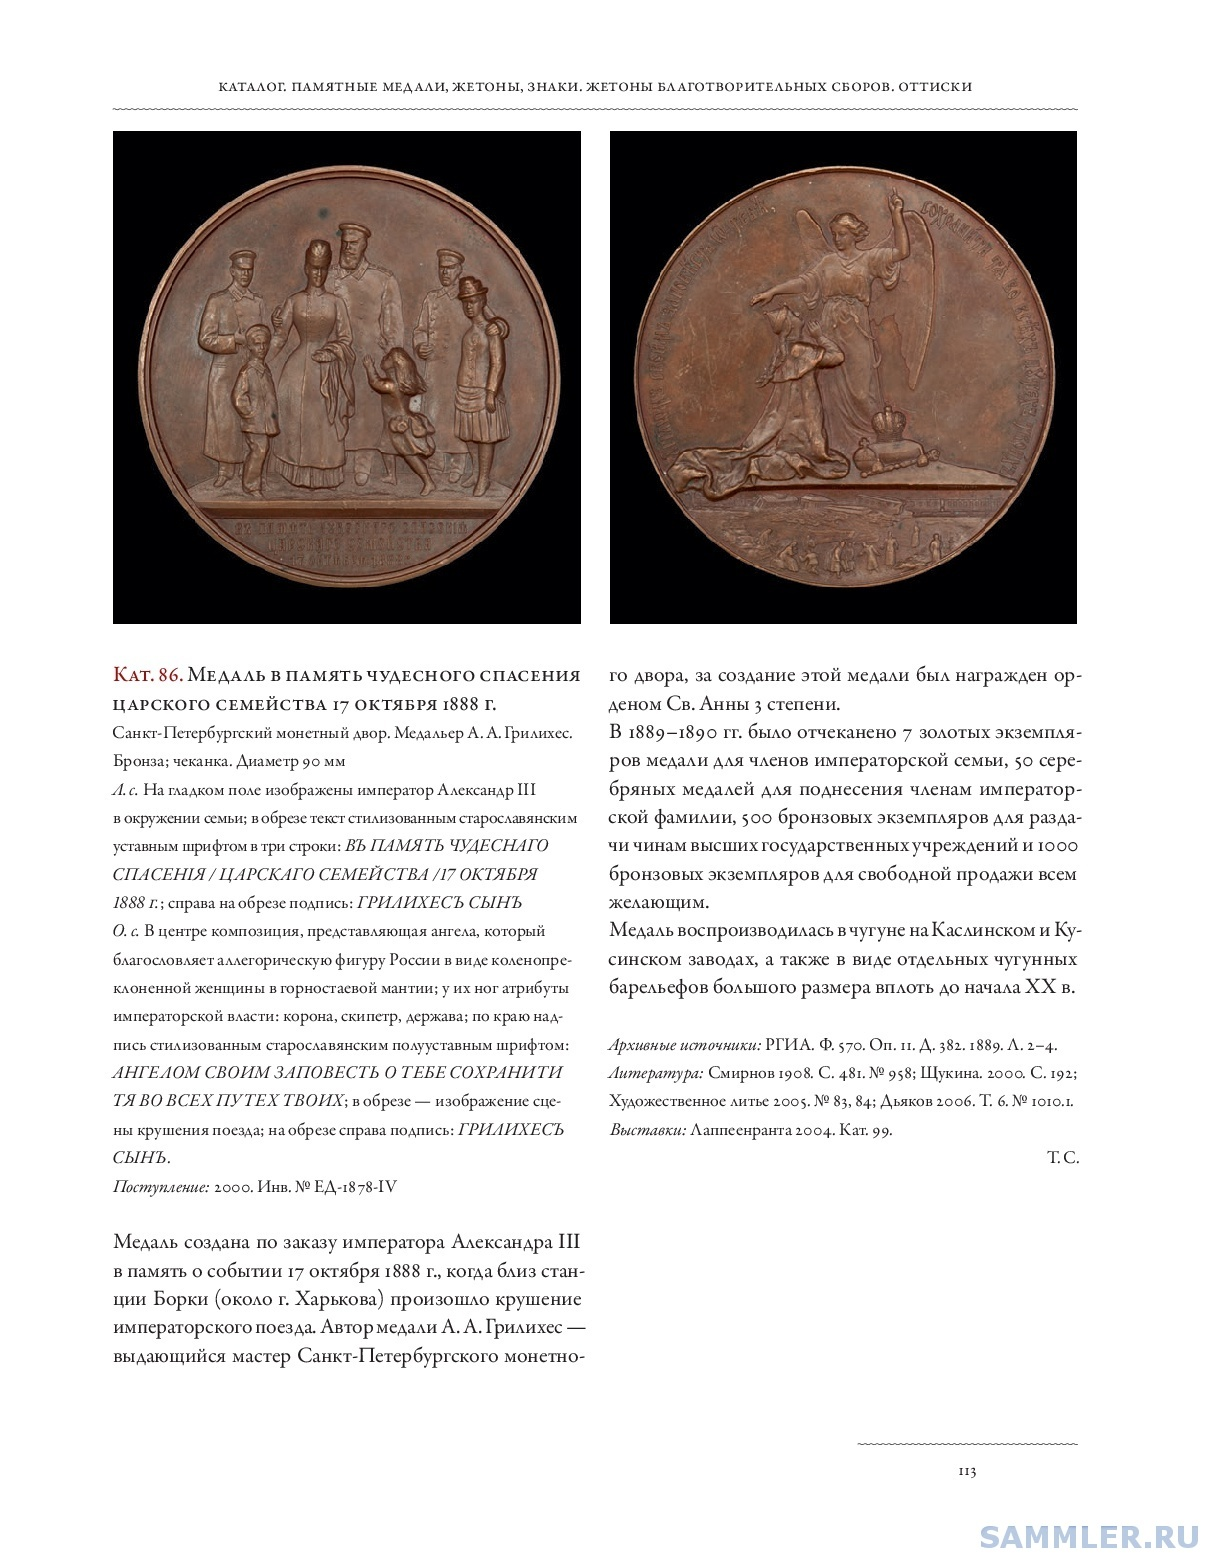 Serpinskaya_T_V__Shviglyova_E_N_Katalog_kollektsii_Nagrady_ordena_medali-114-114-001.jpg